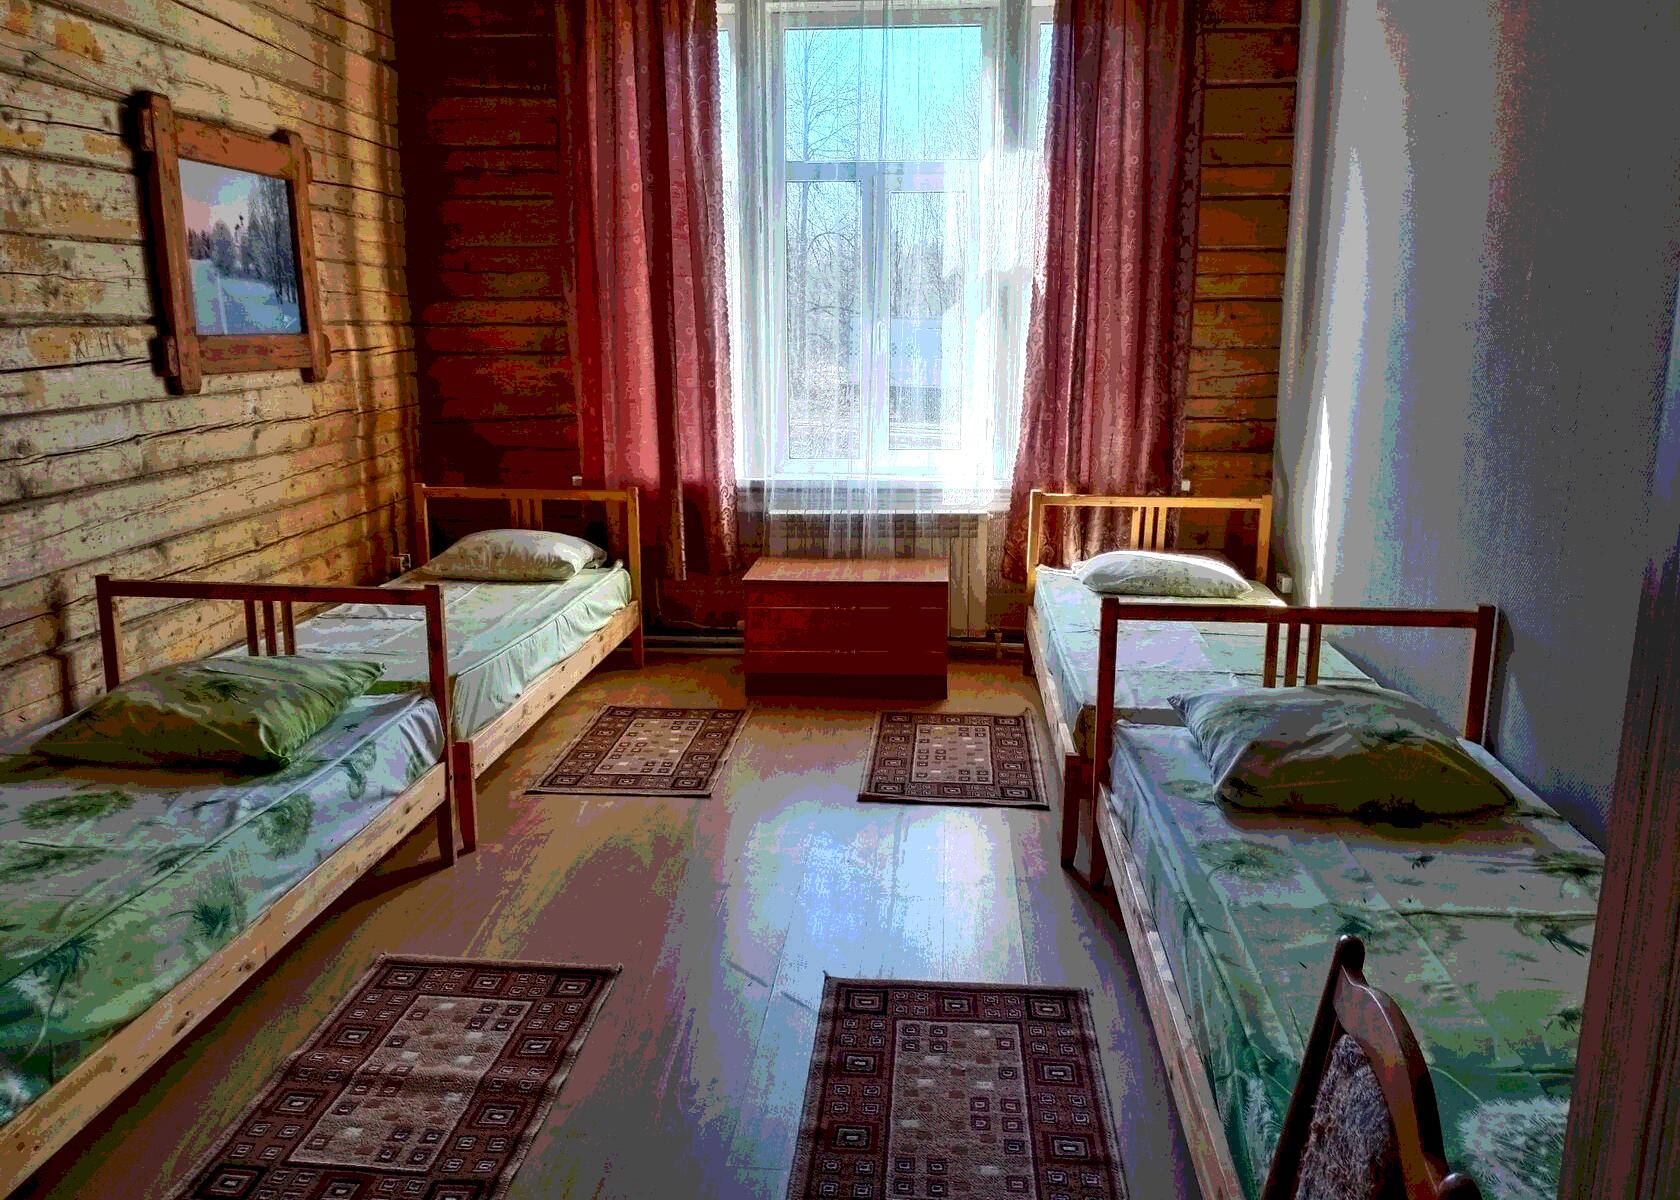 тюбинг, горнолыжный курорт, катание на тюбинге